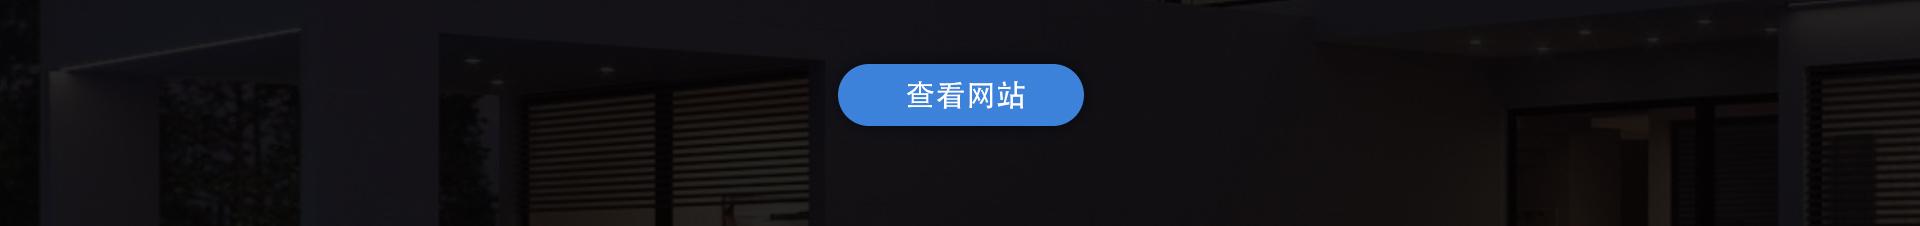 宁波飞色-葛海松-云企案例设计简介-艾可替维信息有限公司_02